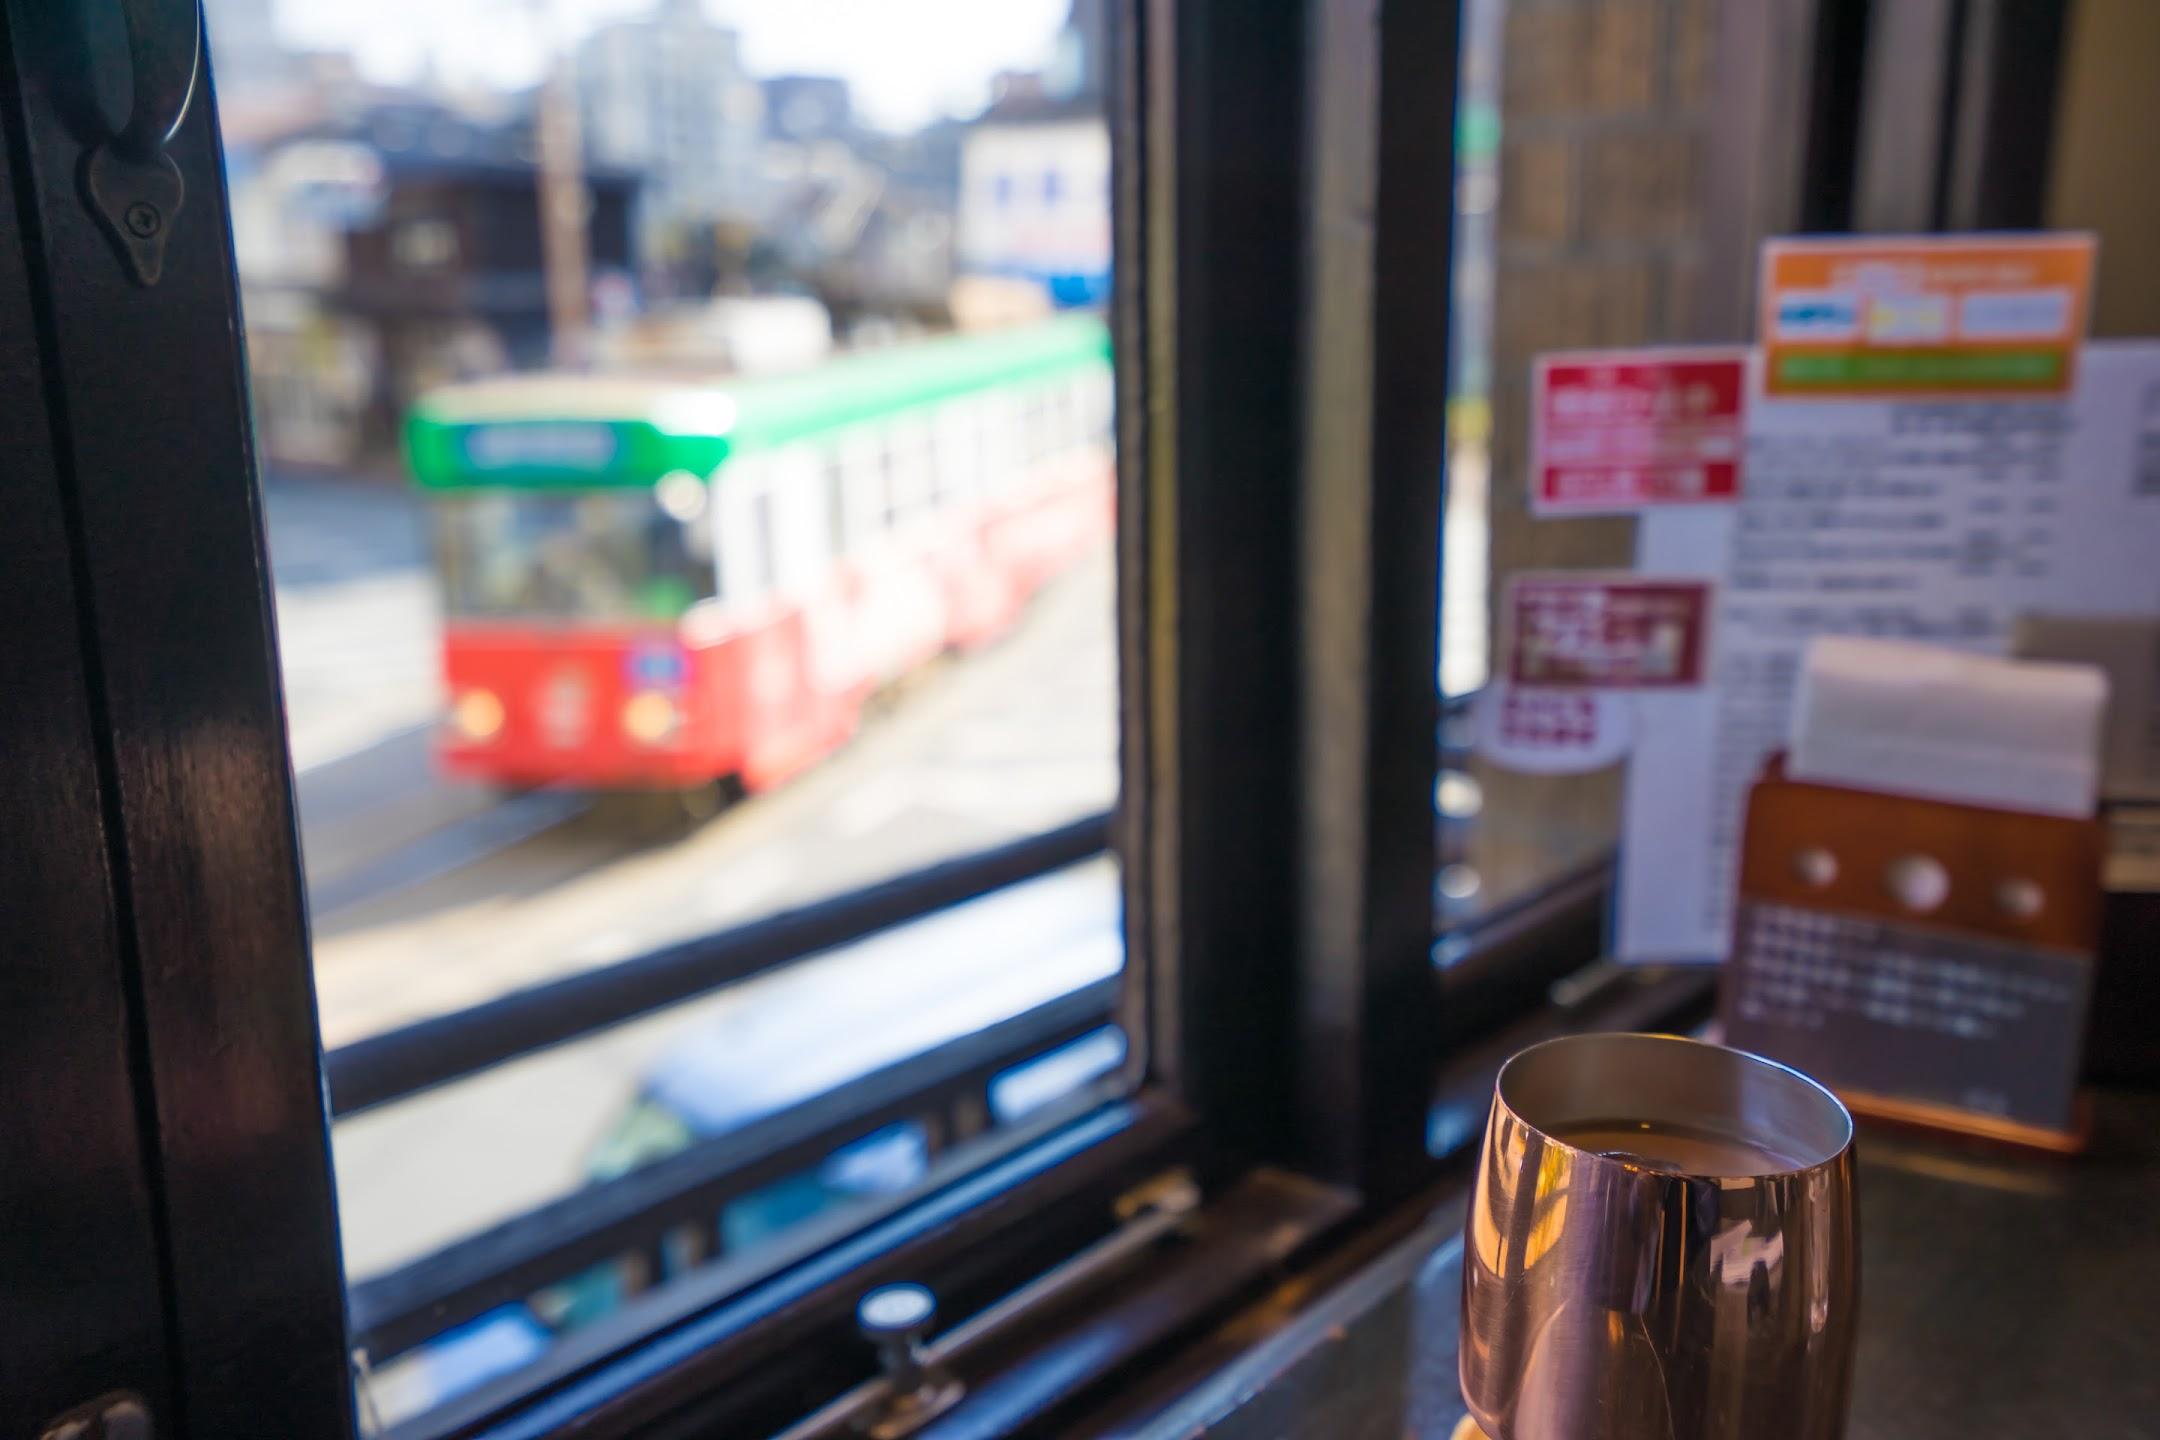 熊本 長崎次郎喫茶店2